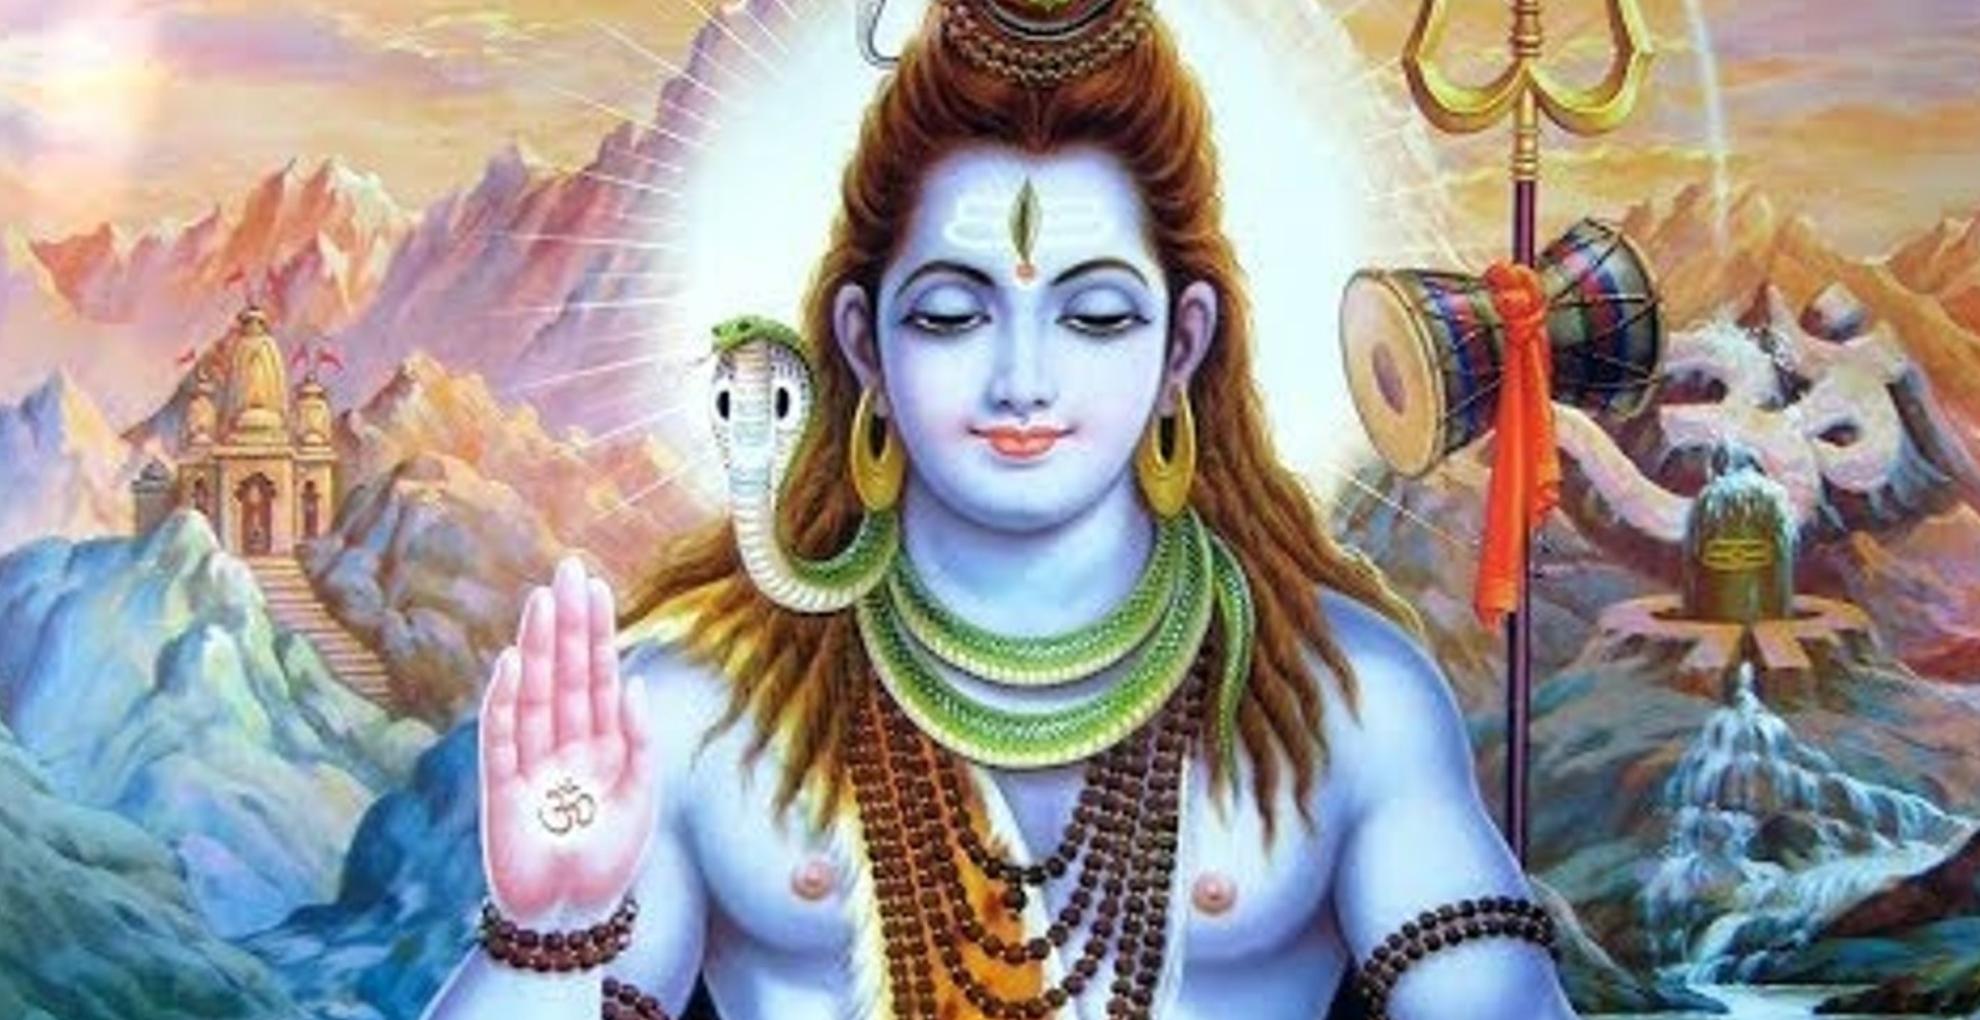 Sawan Shivratri 2019: सावन शिवरात्रि करने से होते हैं ये लाभ, जानिए इसे करने का शुभ मुहूर्त और पूजा विधि